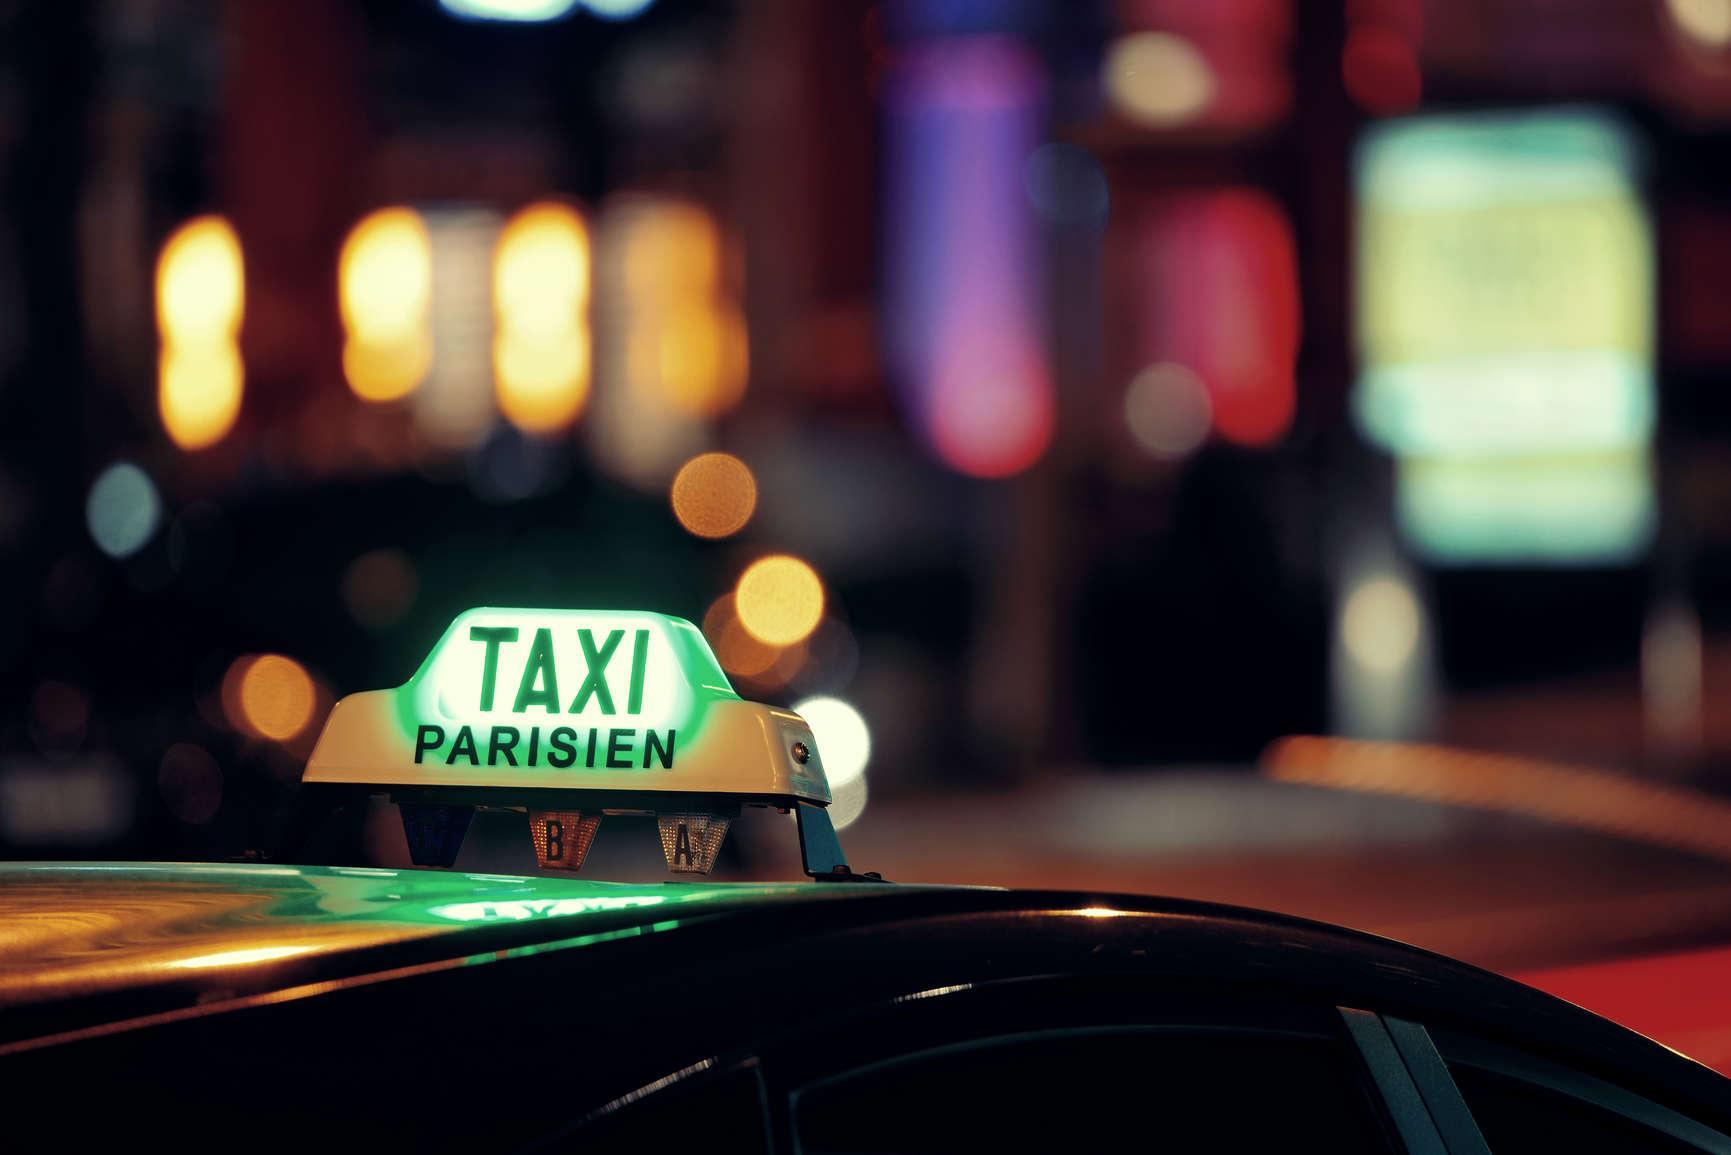 Paris Assurance Taxi